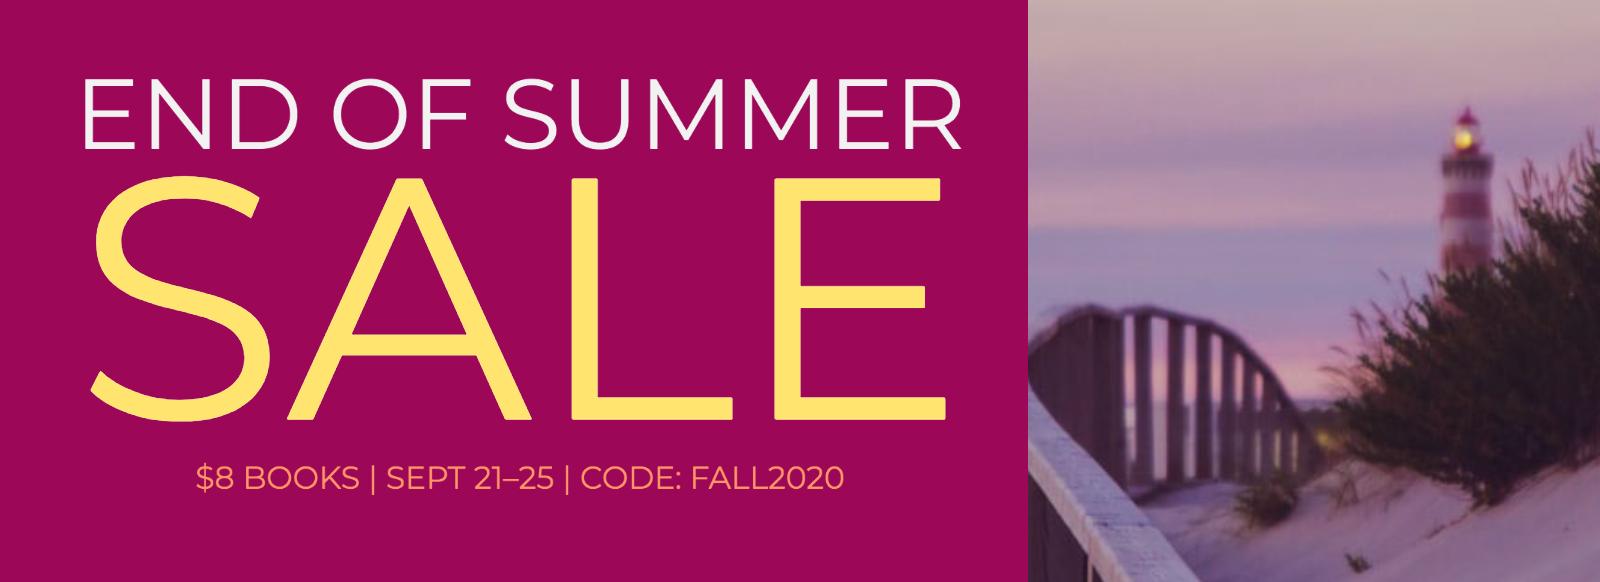 JLG End of Summer Sale